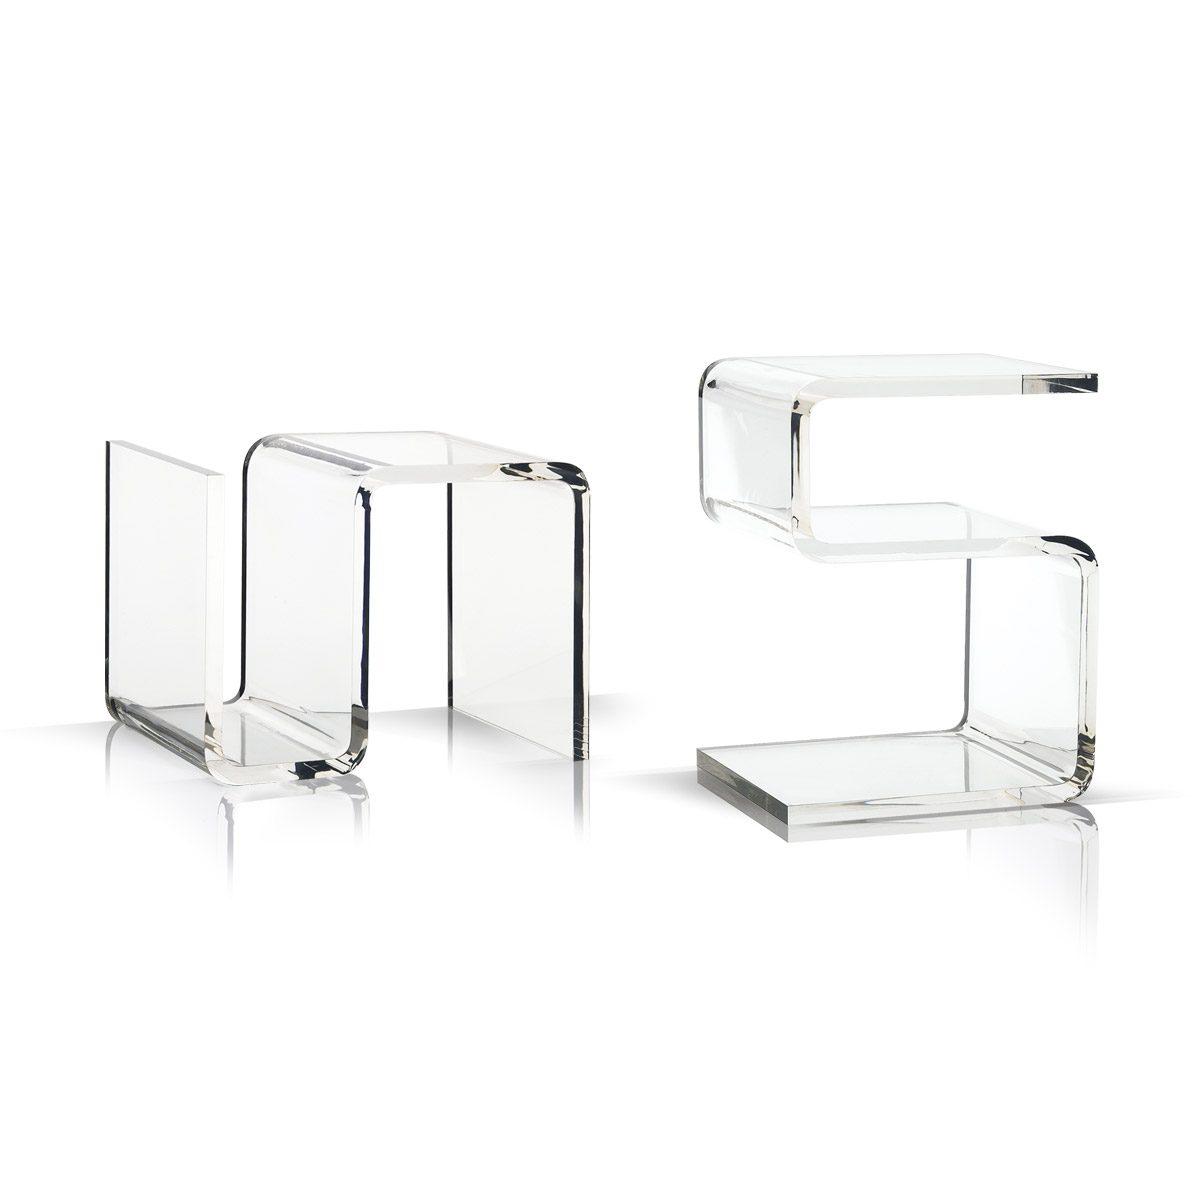 Bretz Beistelltisch Acrylglas B146T